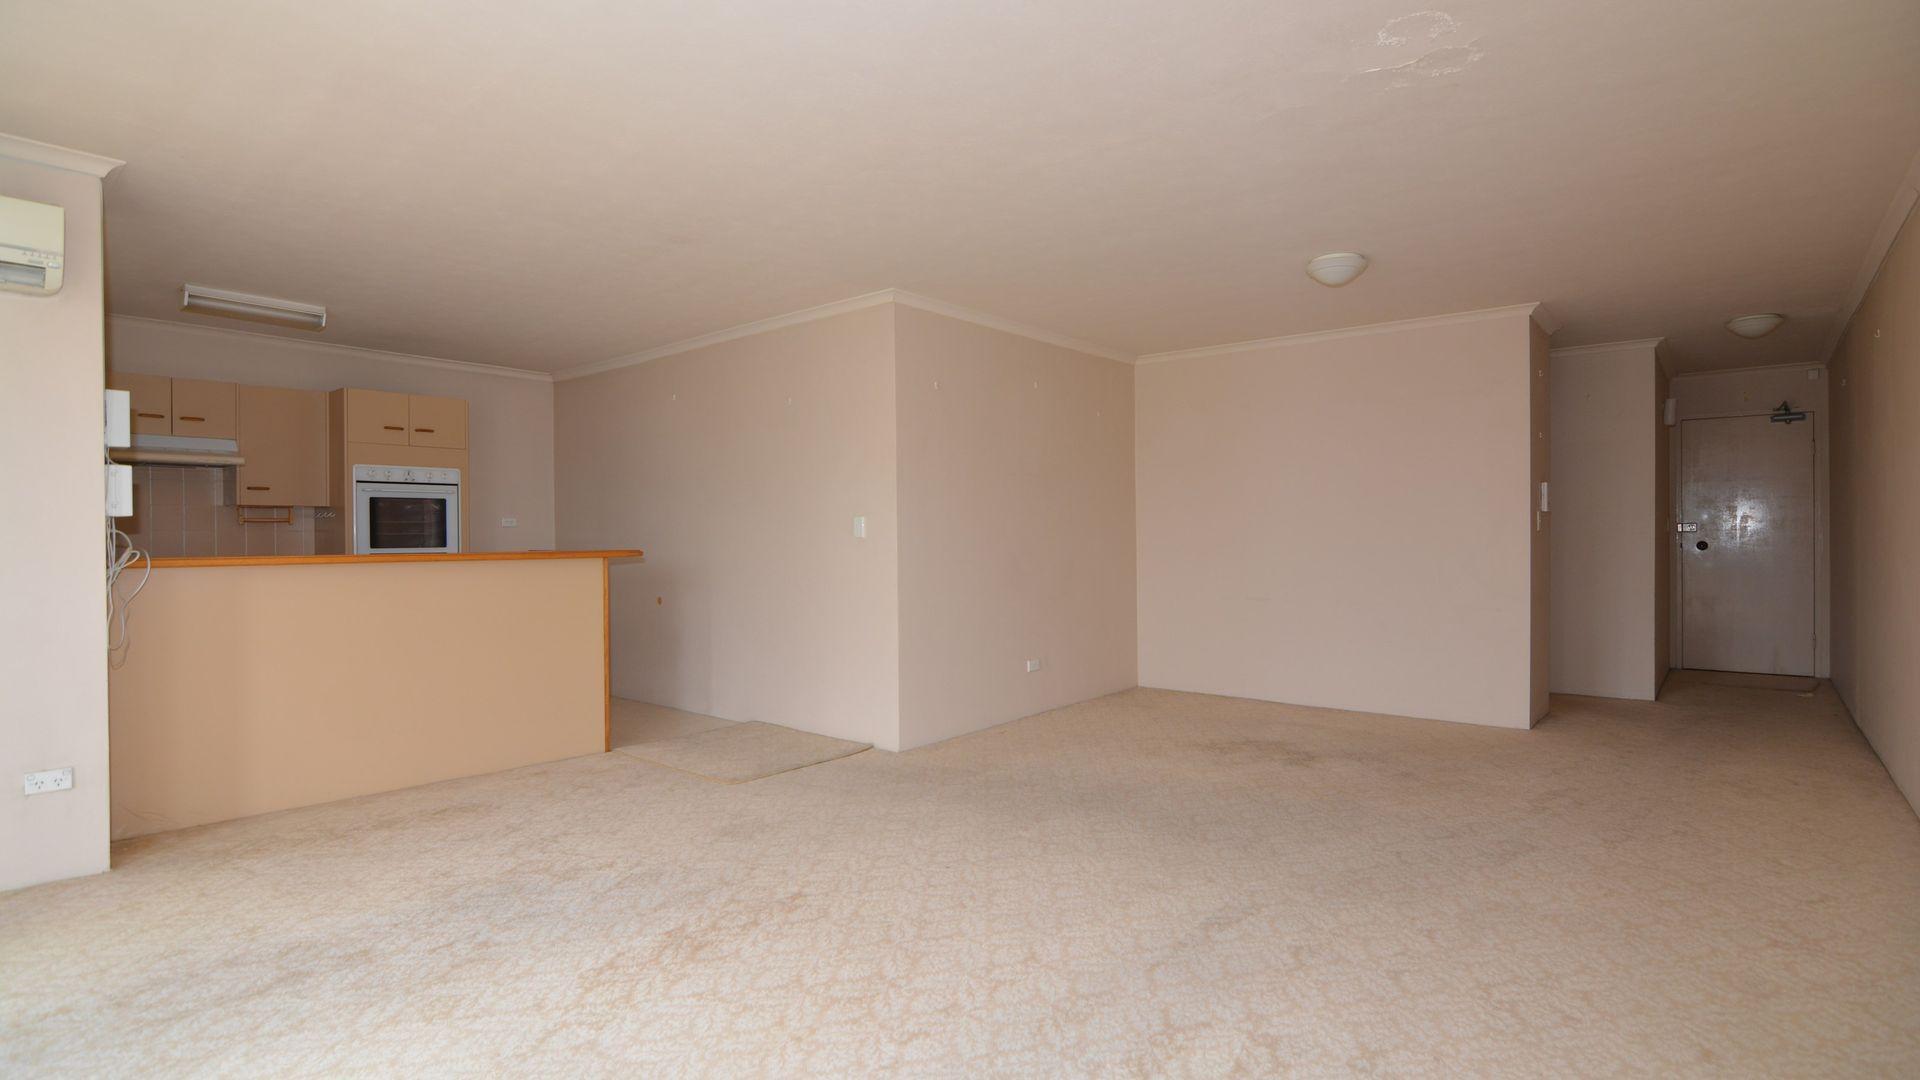 37/127 Georgiana Terrace, Gosford NSW 2250, Image 2